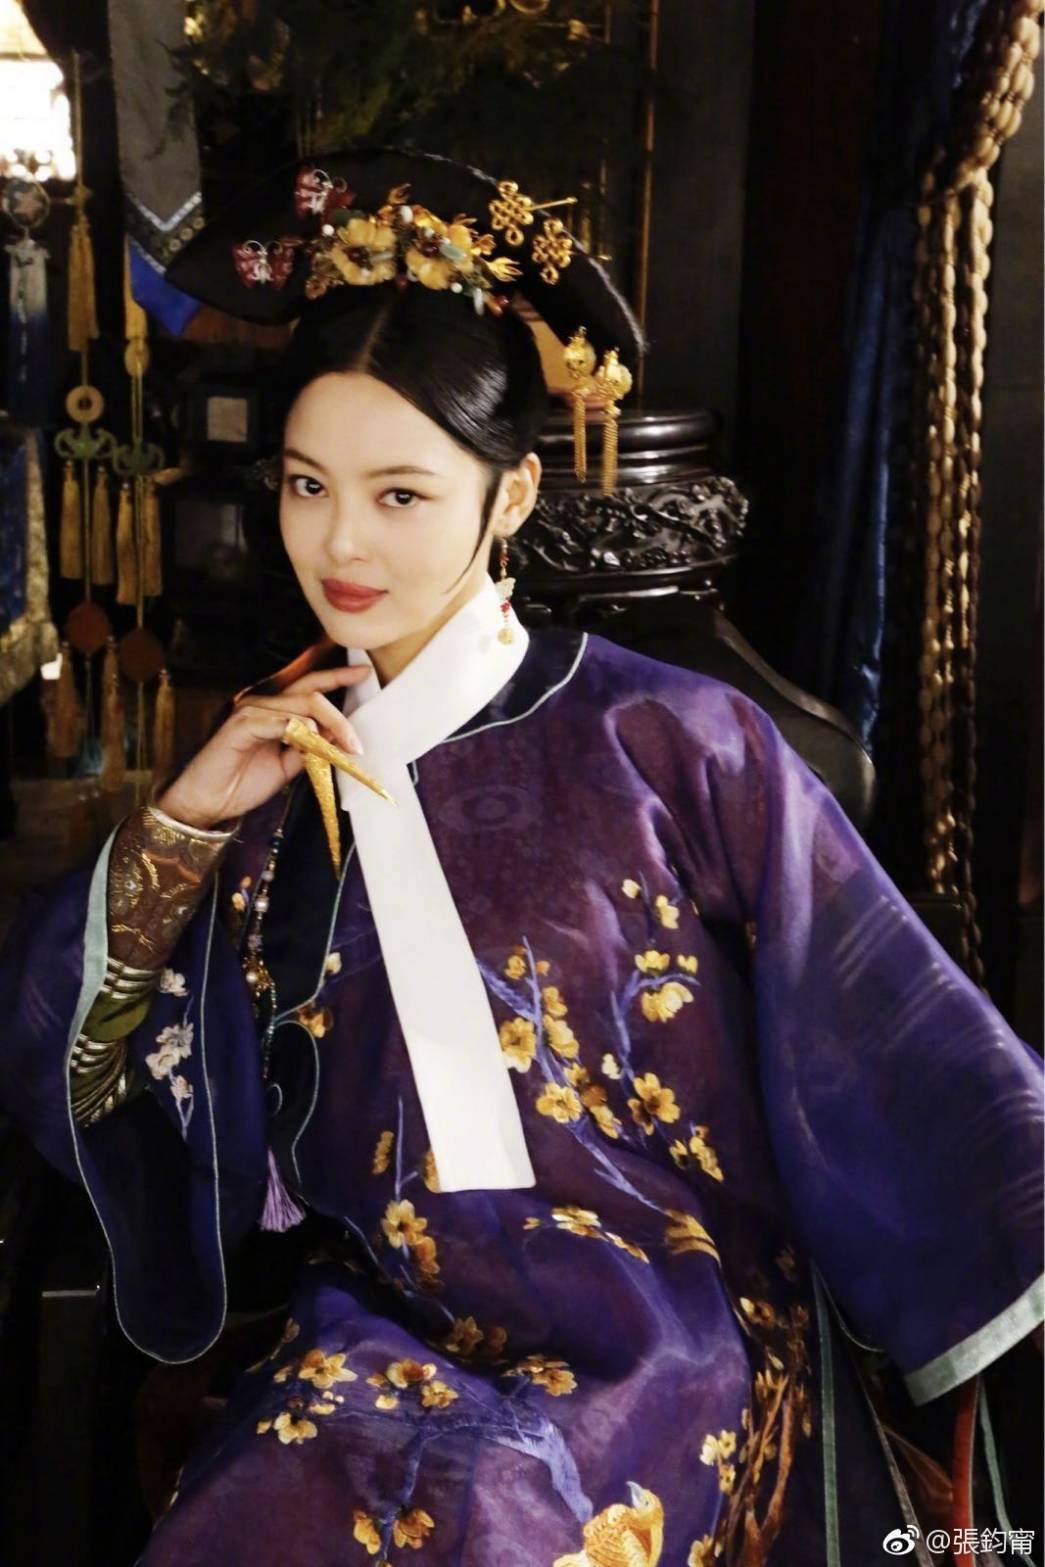 辛芷蕾在「如懿傳」中號稱「後宮第一美」。圖/摘自微博